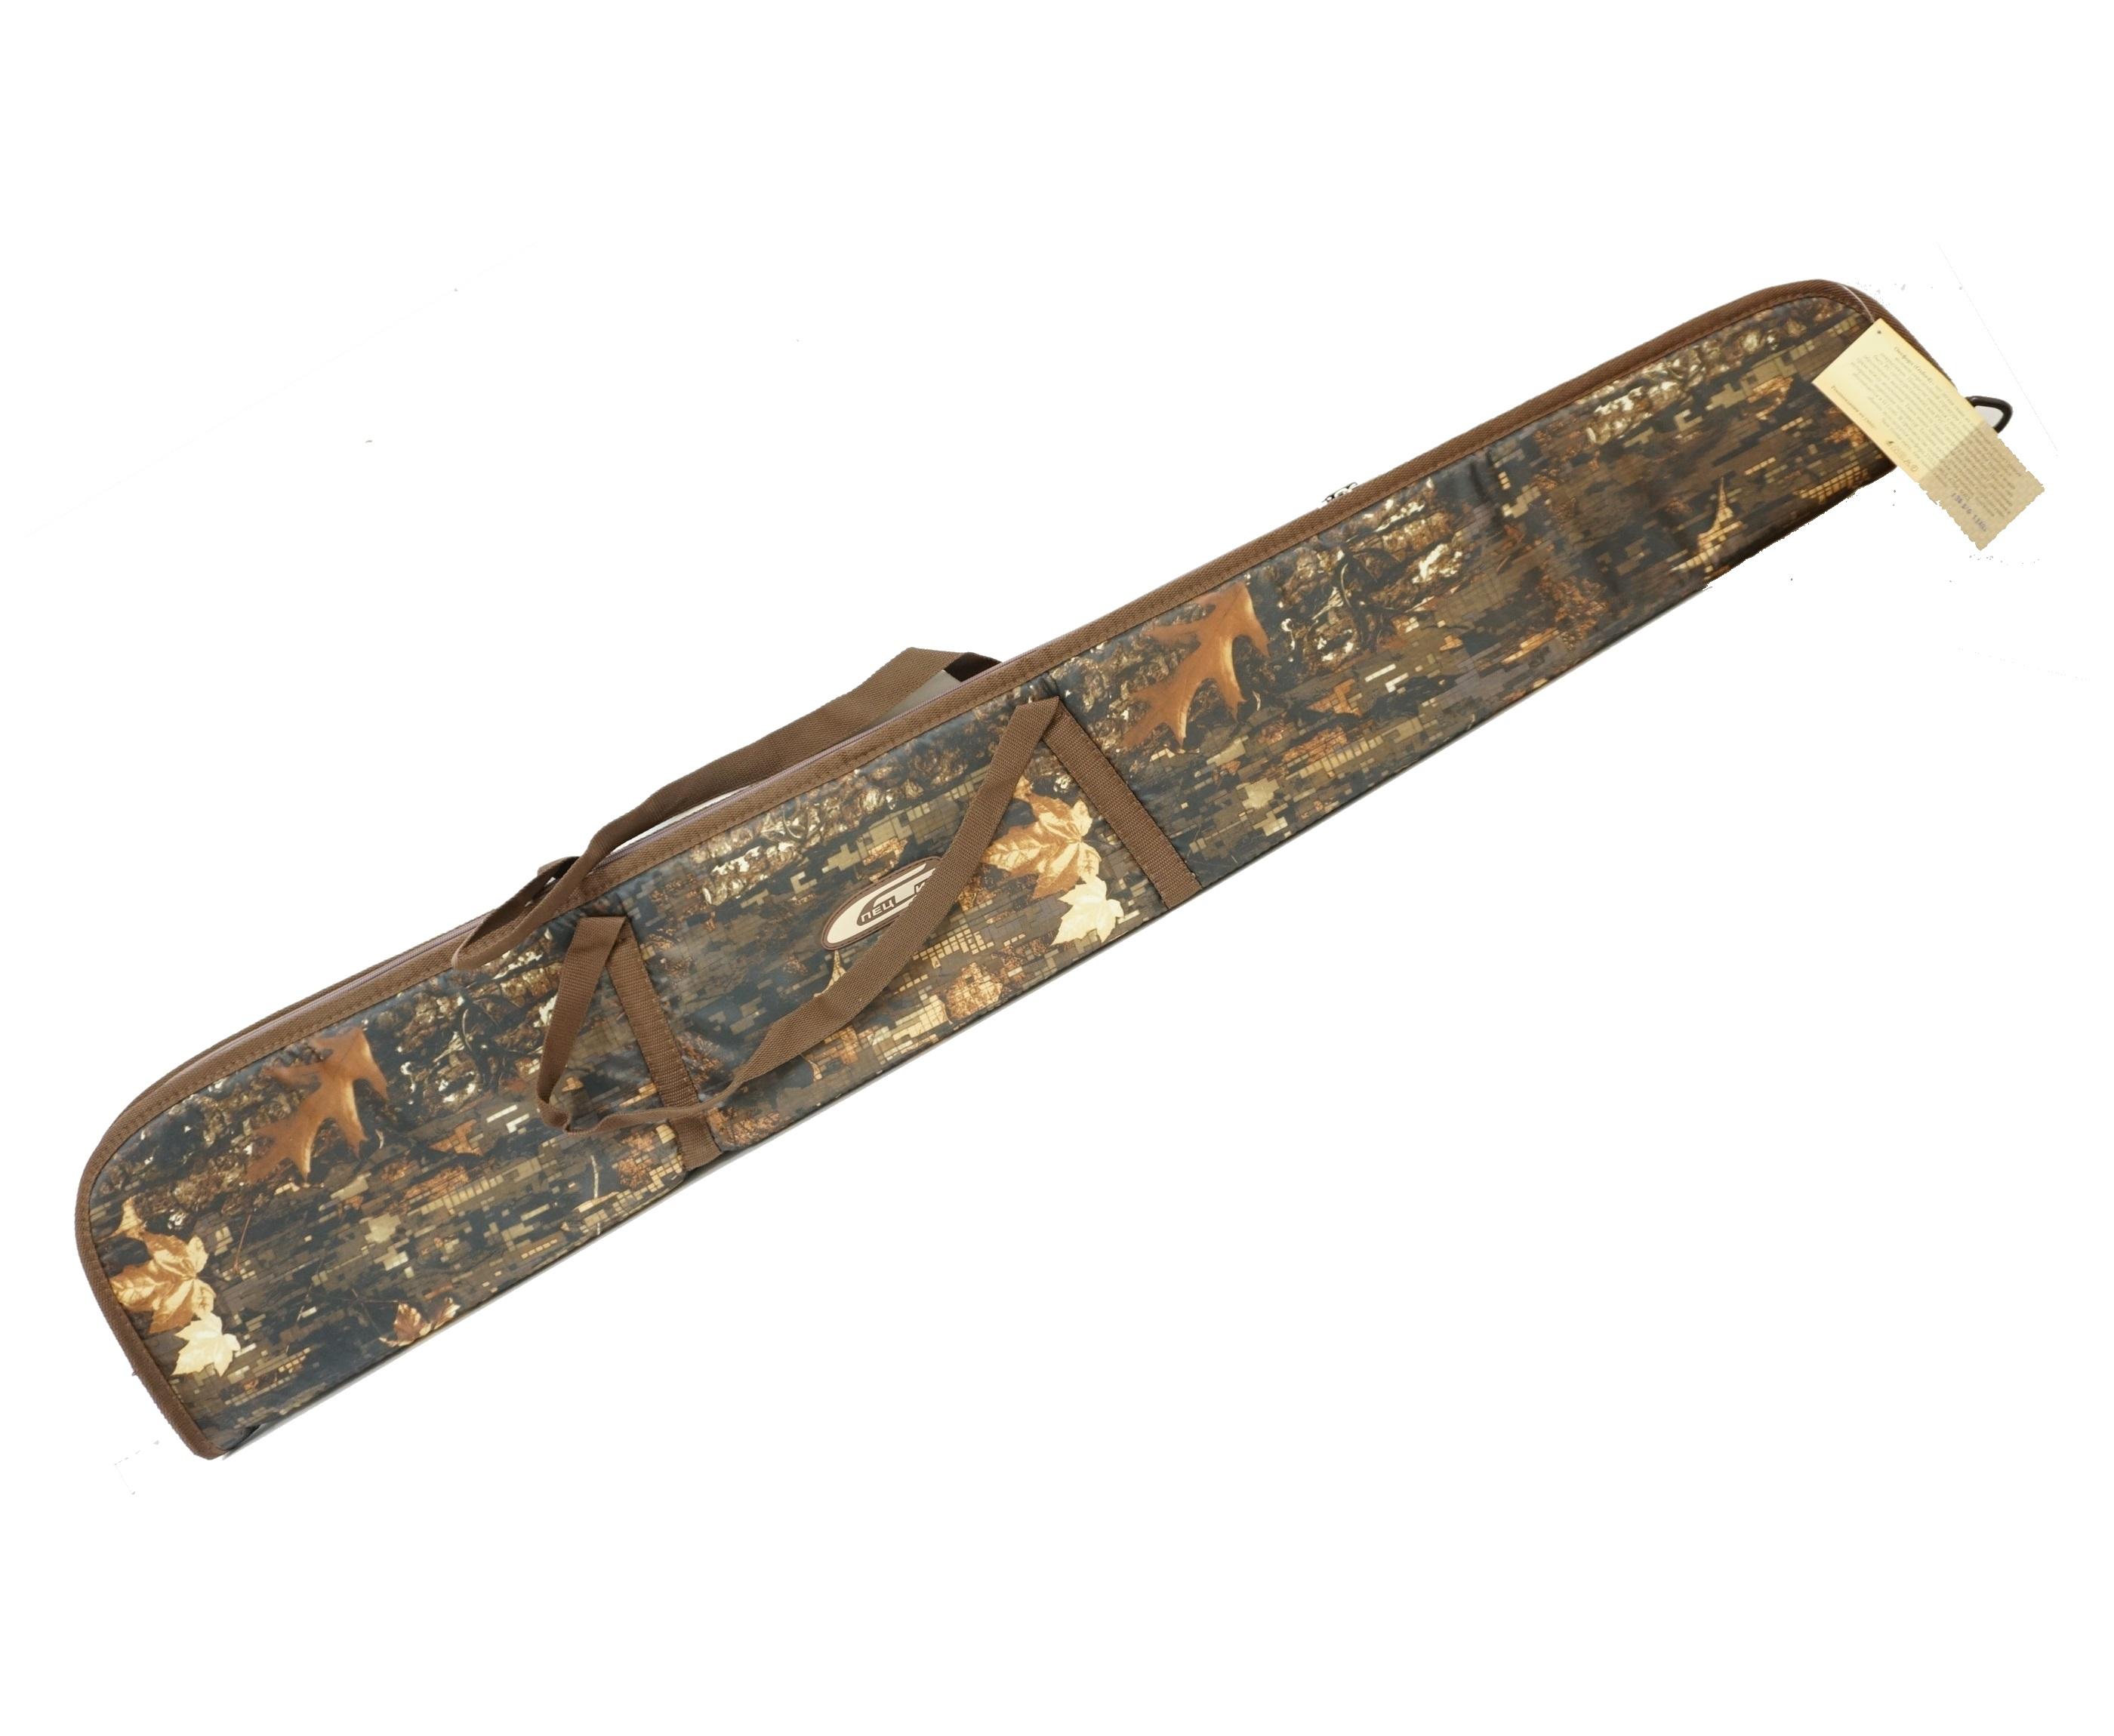 Чехол-кейс 130 см, без оптики (синтетическая ткань)